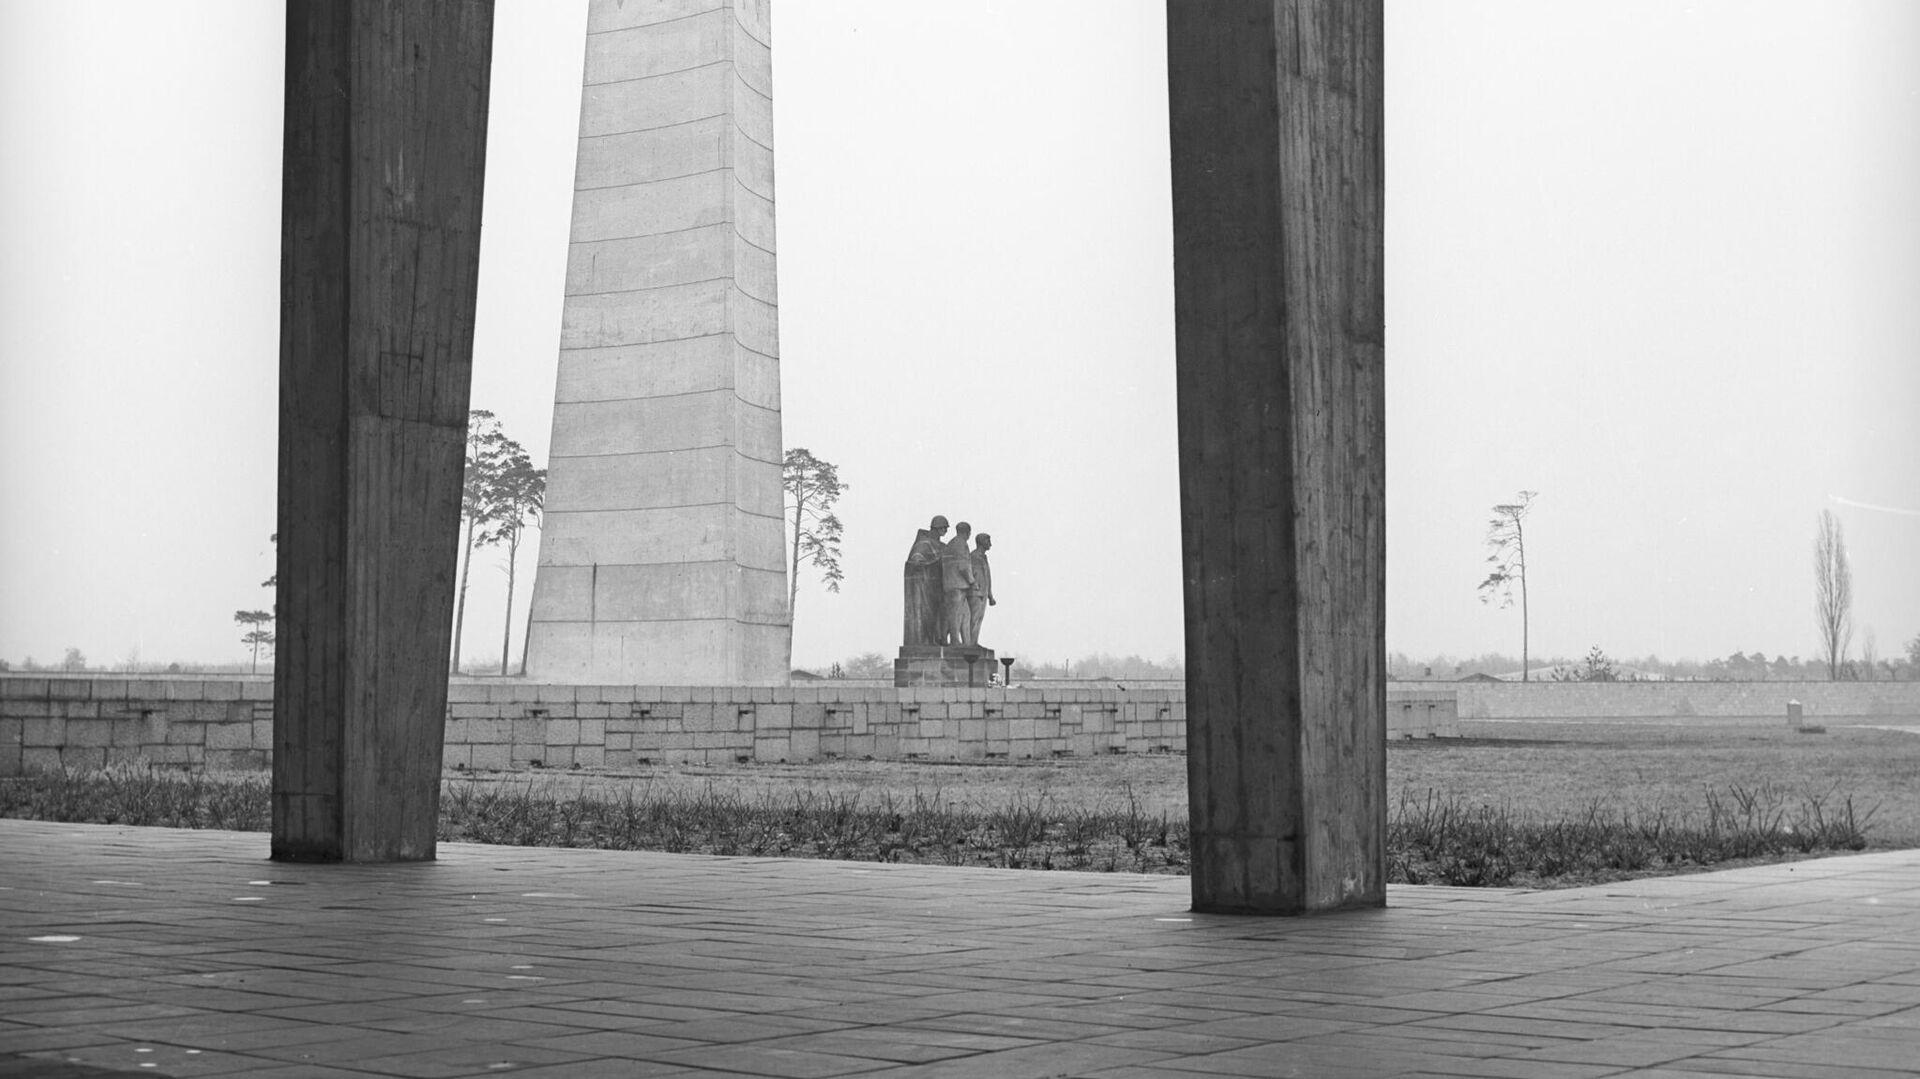 Памятник советским воинам-освободителям на территории Мемориального комплекса Концентрационный лагерь Заксенхаузен - РИА Новости, 1920, 01.08.2021